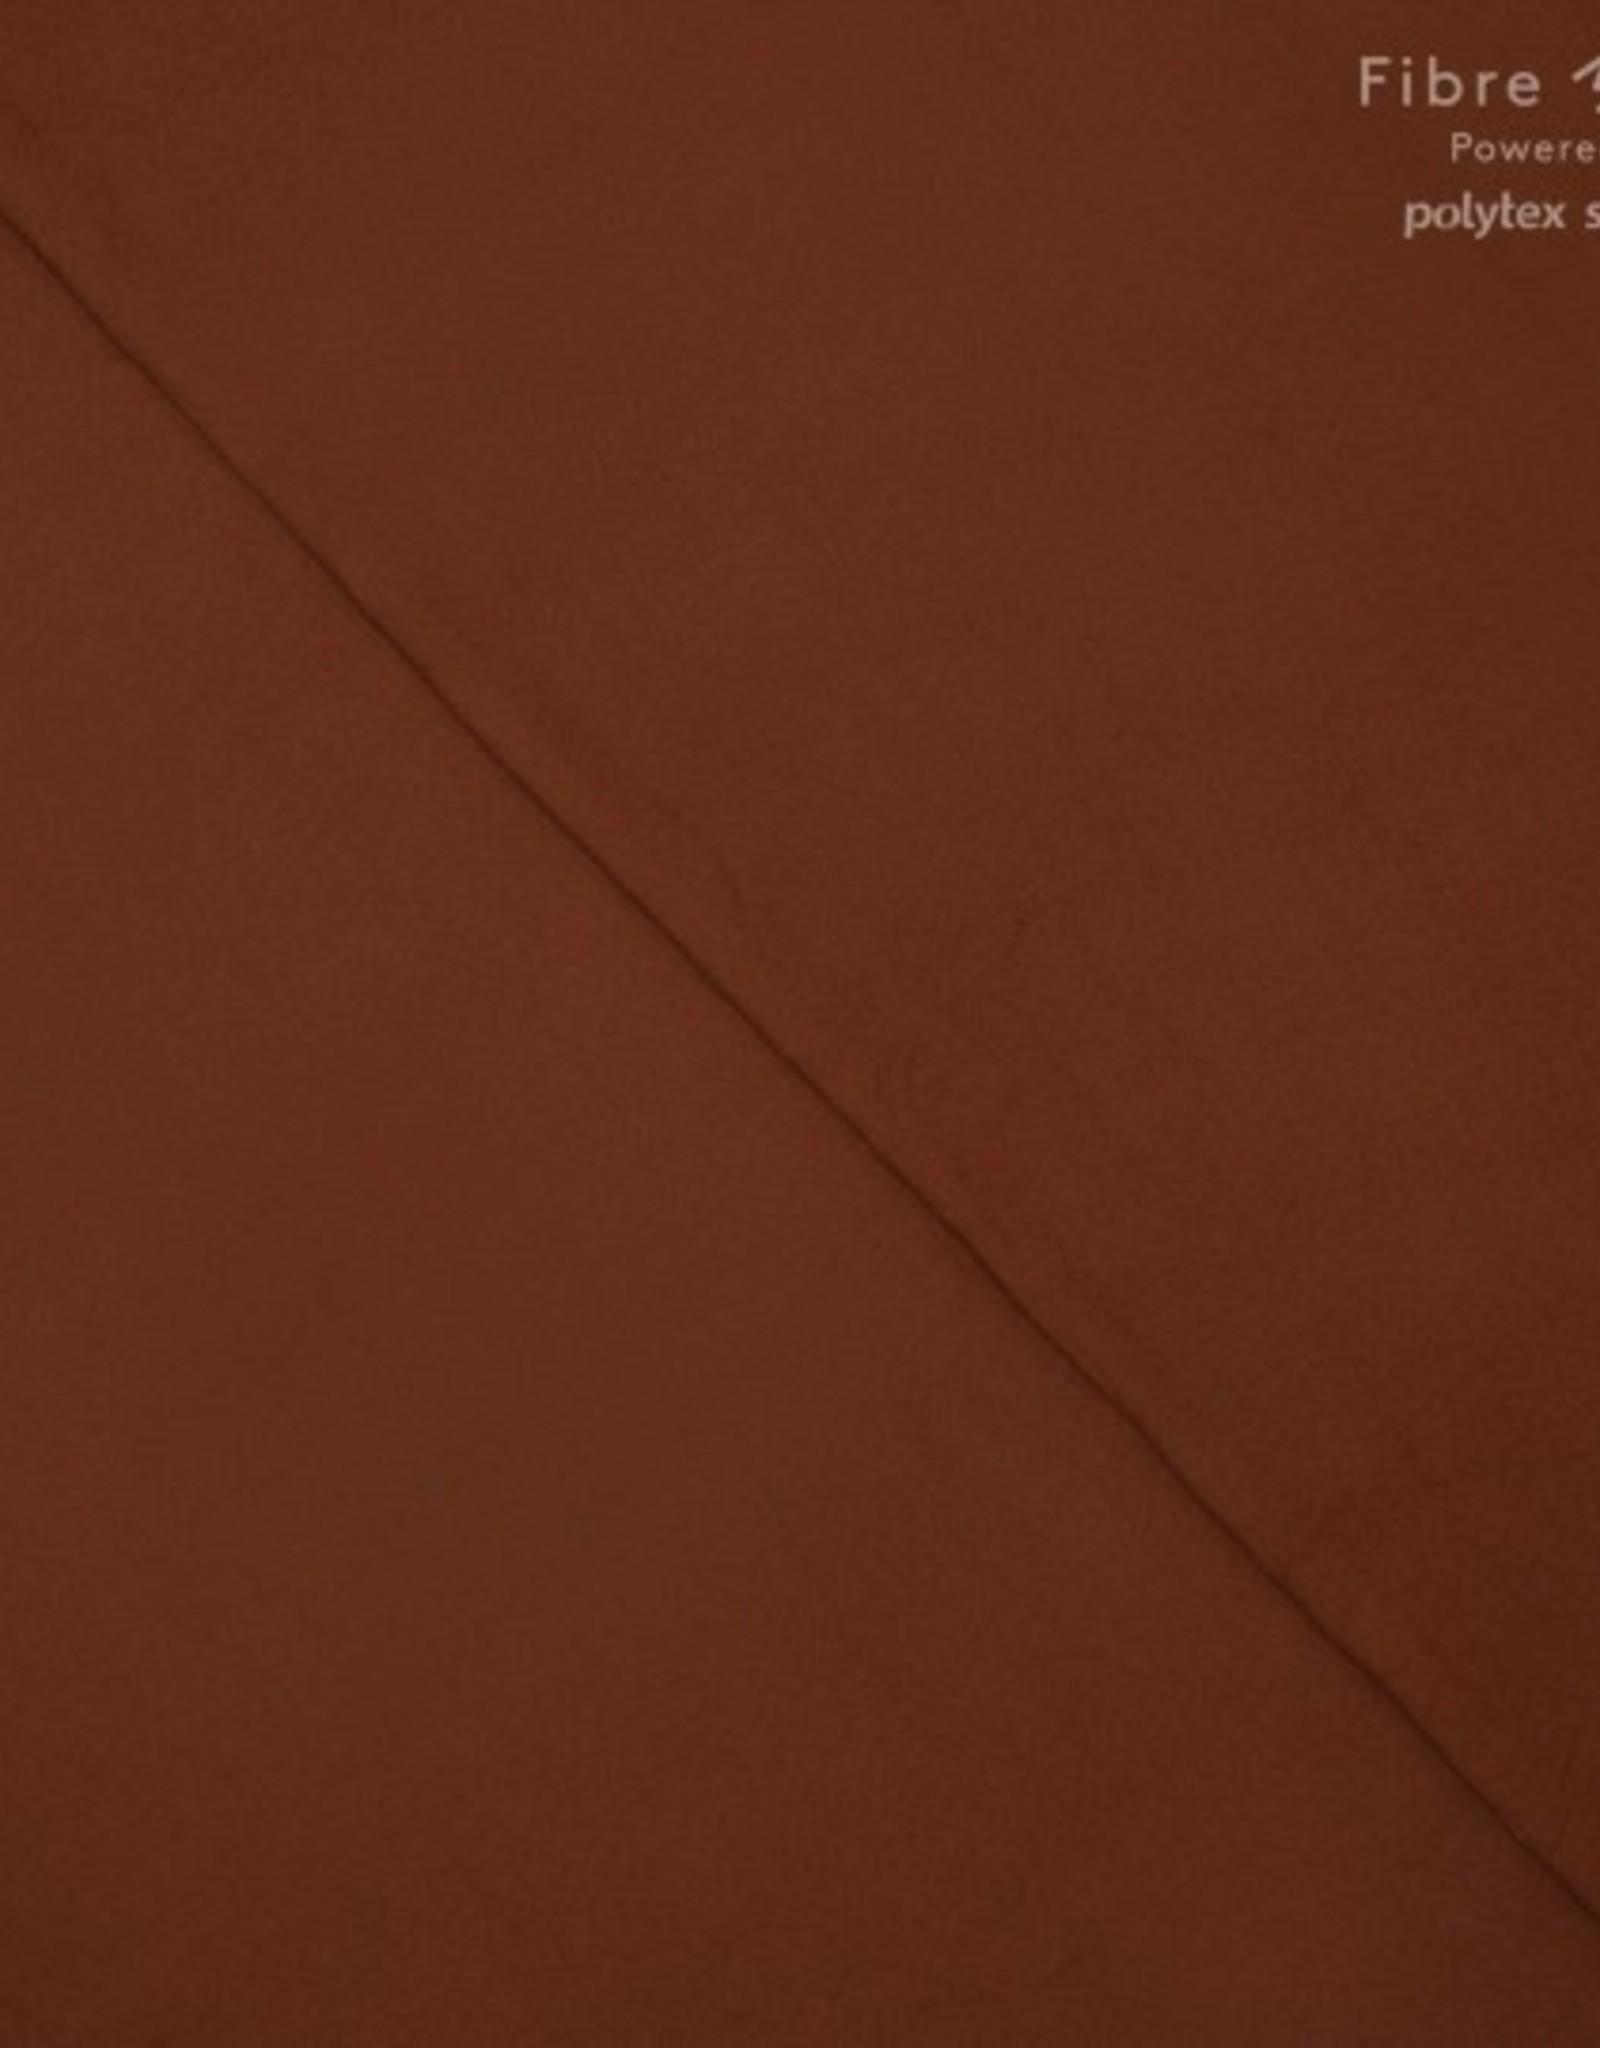 Fibre Mood Viscosecrepe Gingerbread -  FM Vikki